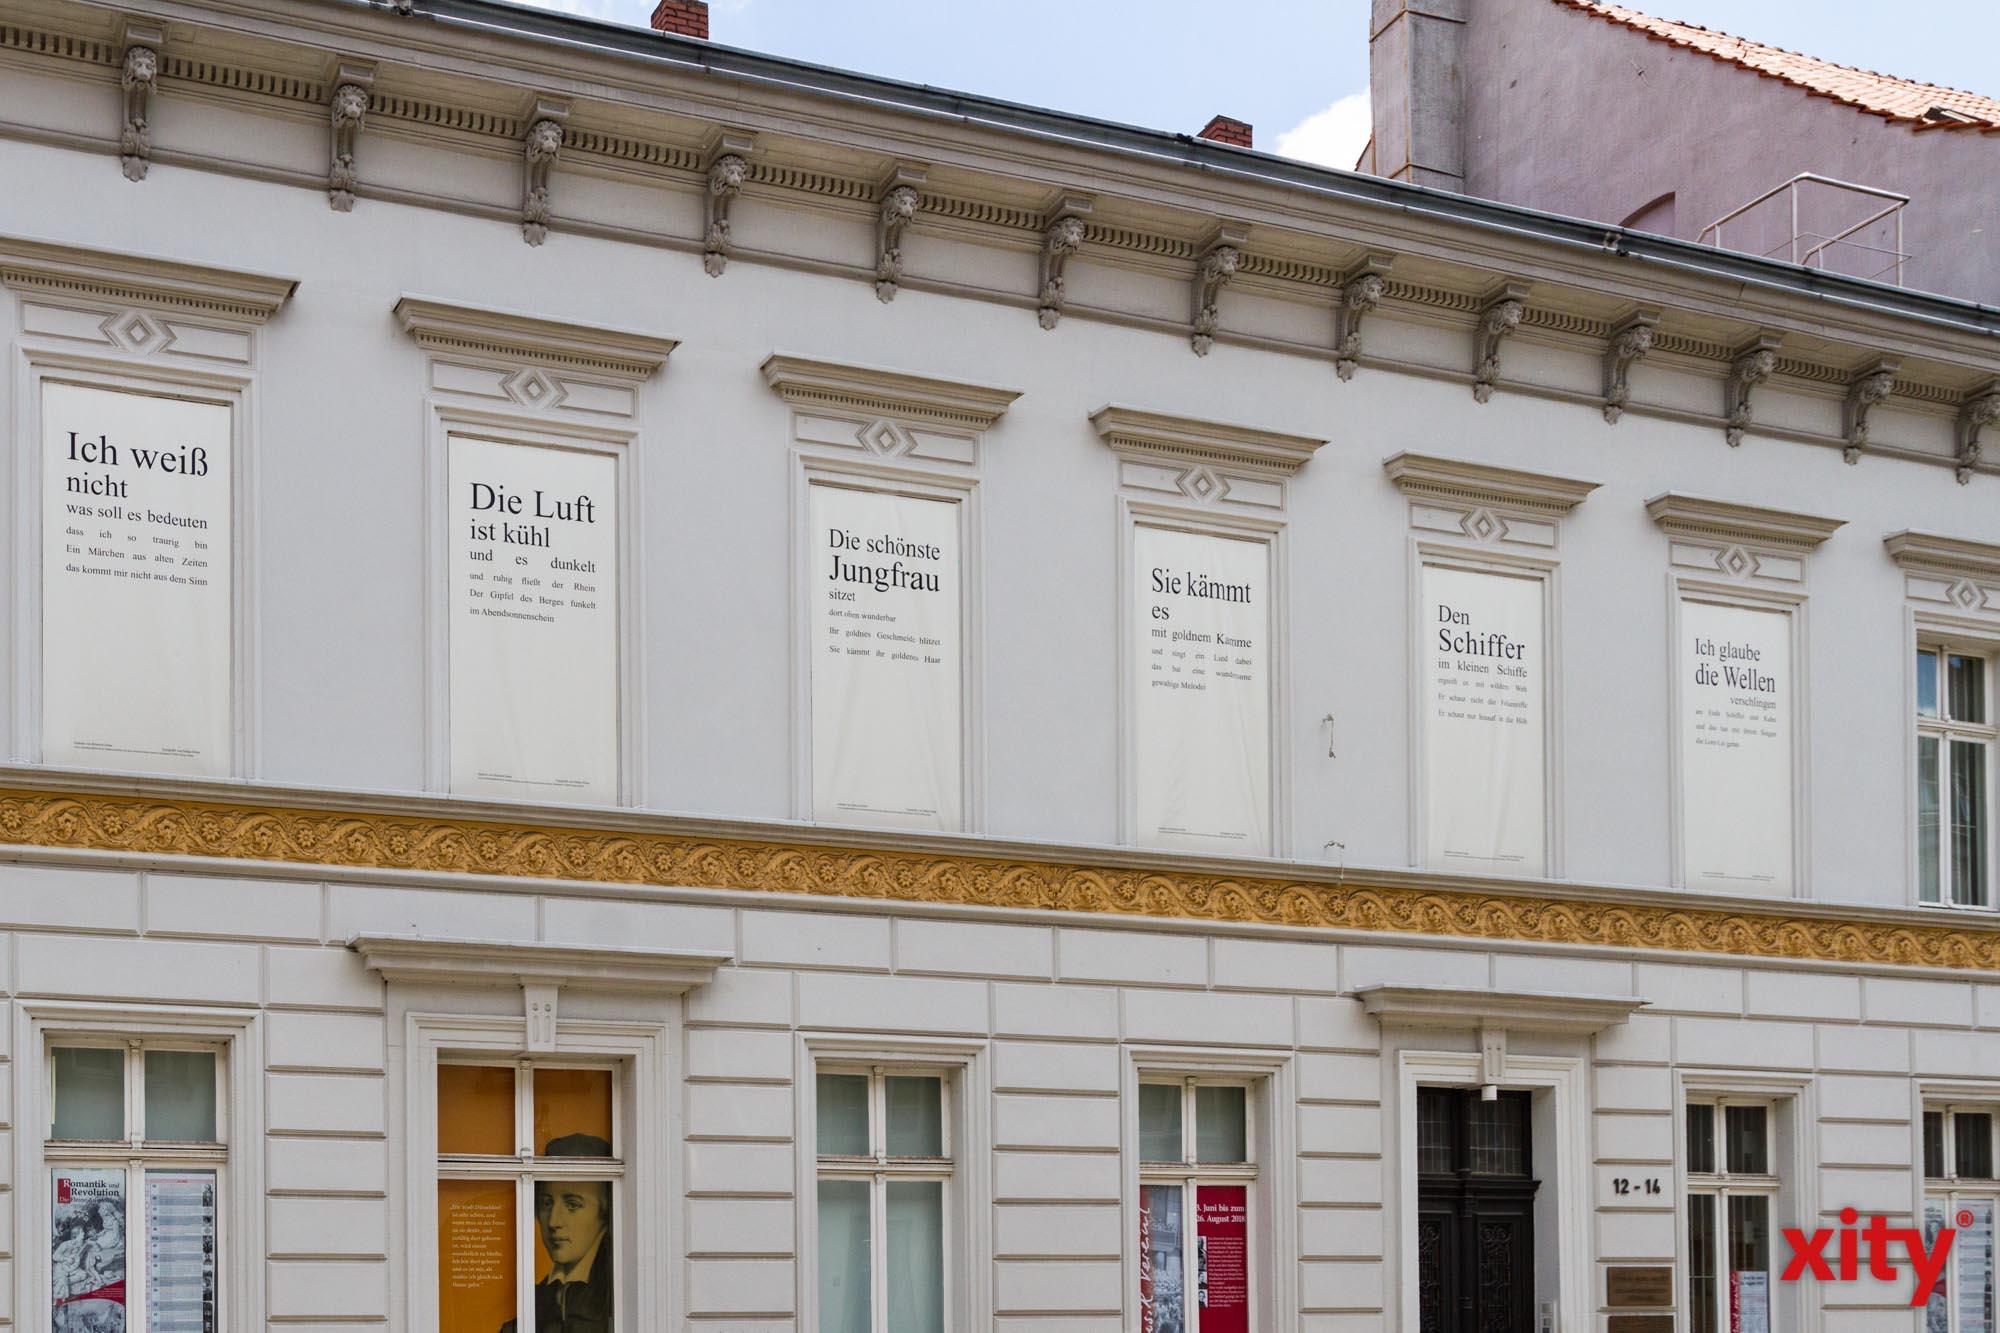 Düsseldorfer Literaturtage: Heinrich-Heine-Institut lädt zum digitalen Kulturangebot (Foto: xity)